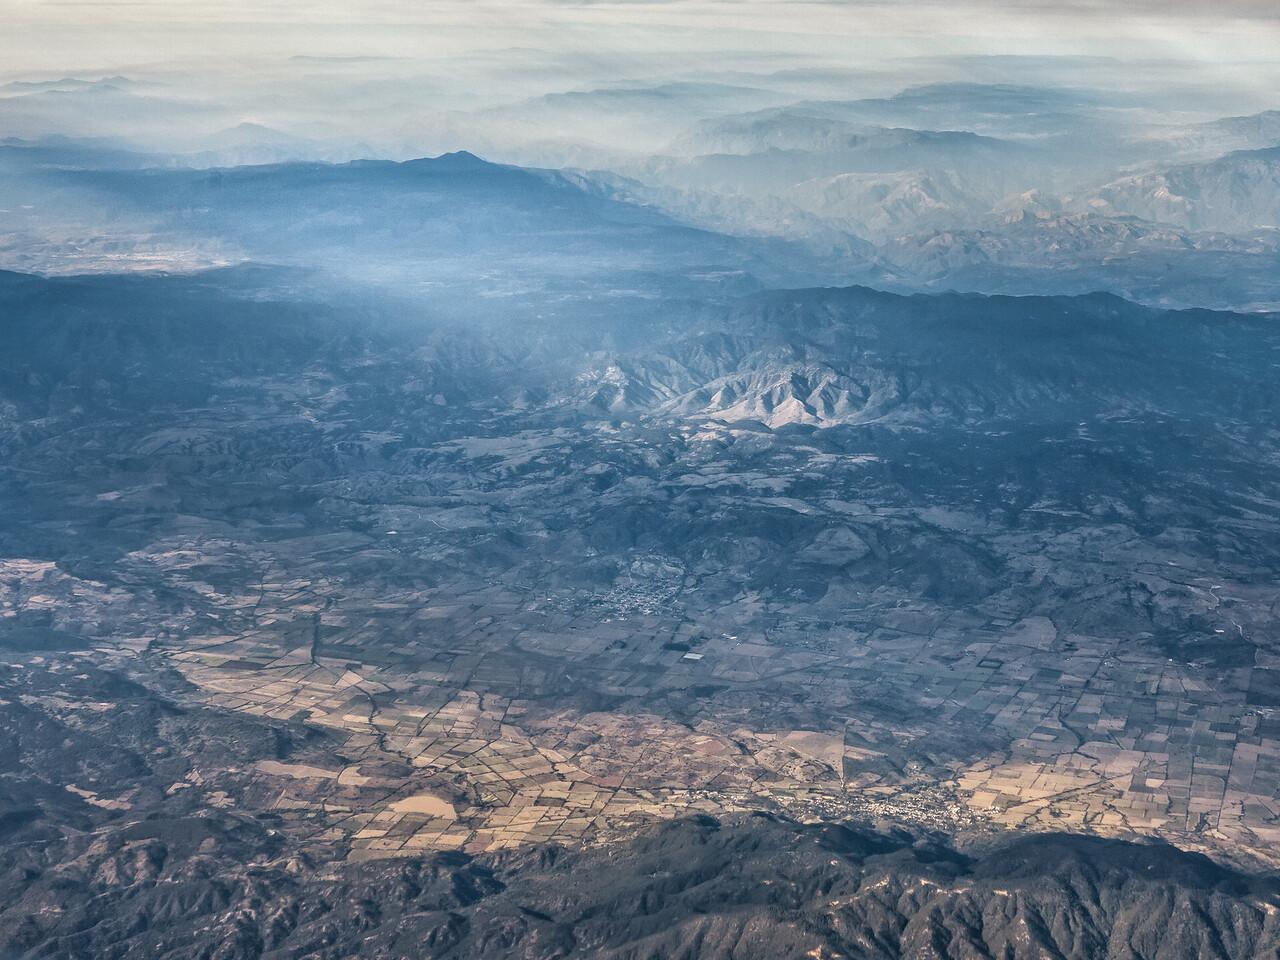 Sierra Madres #2